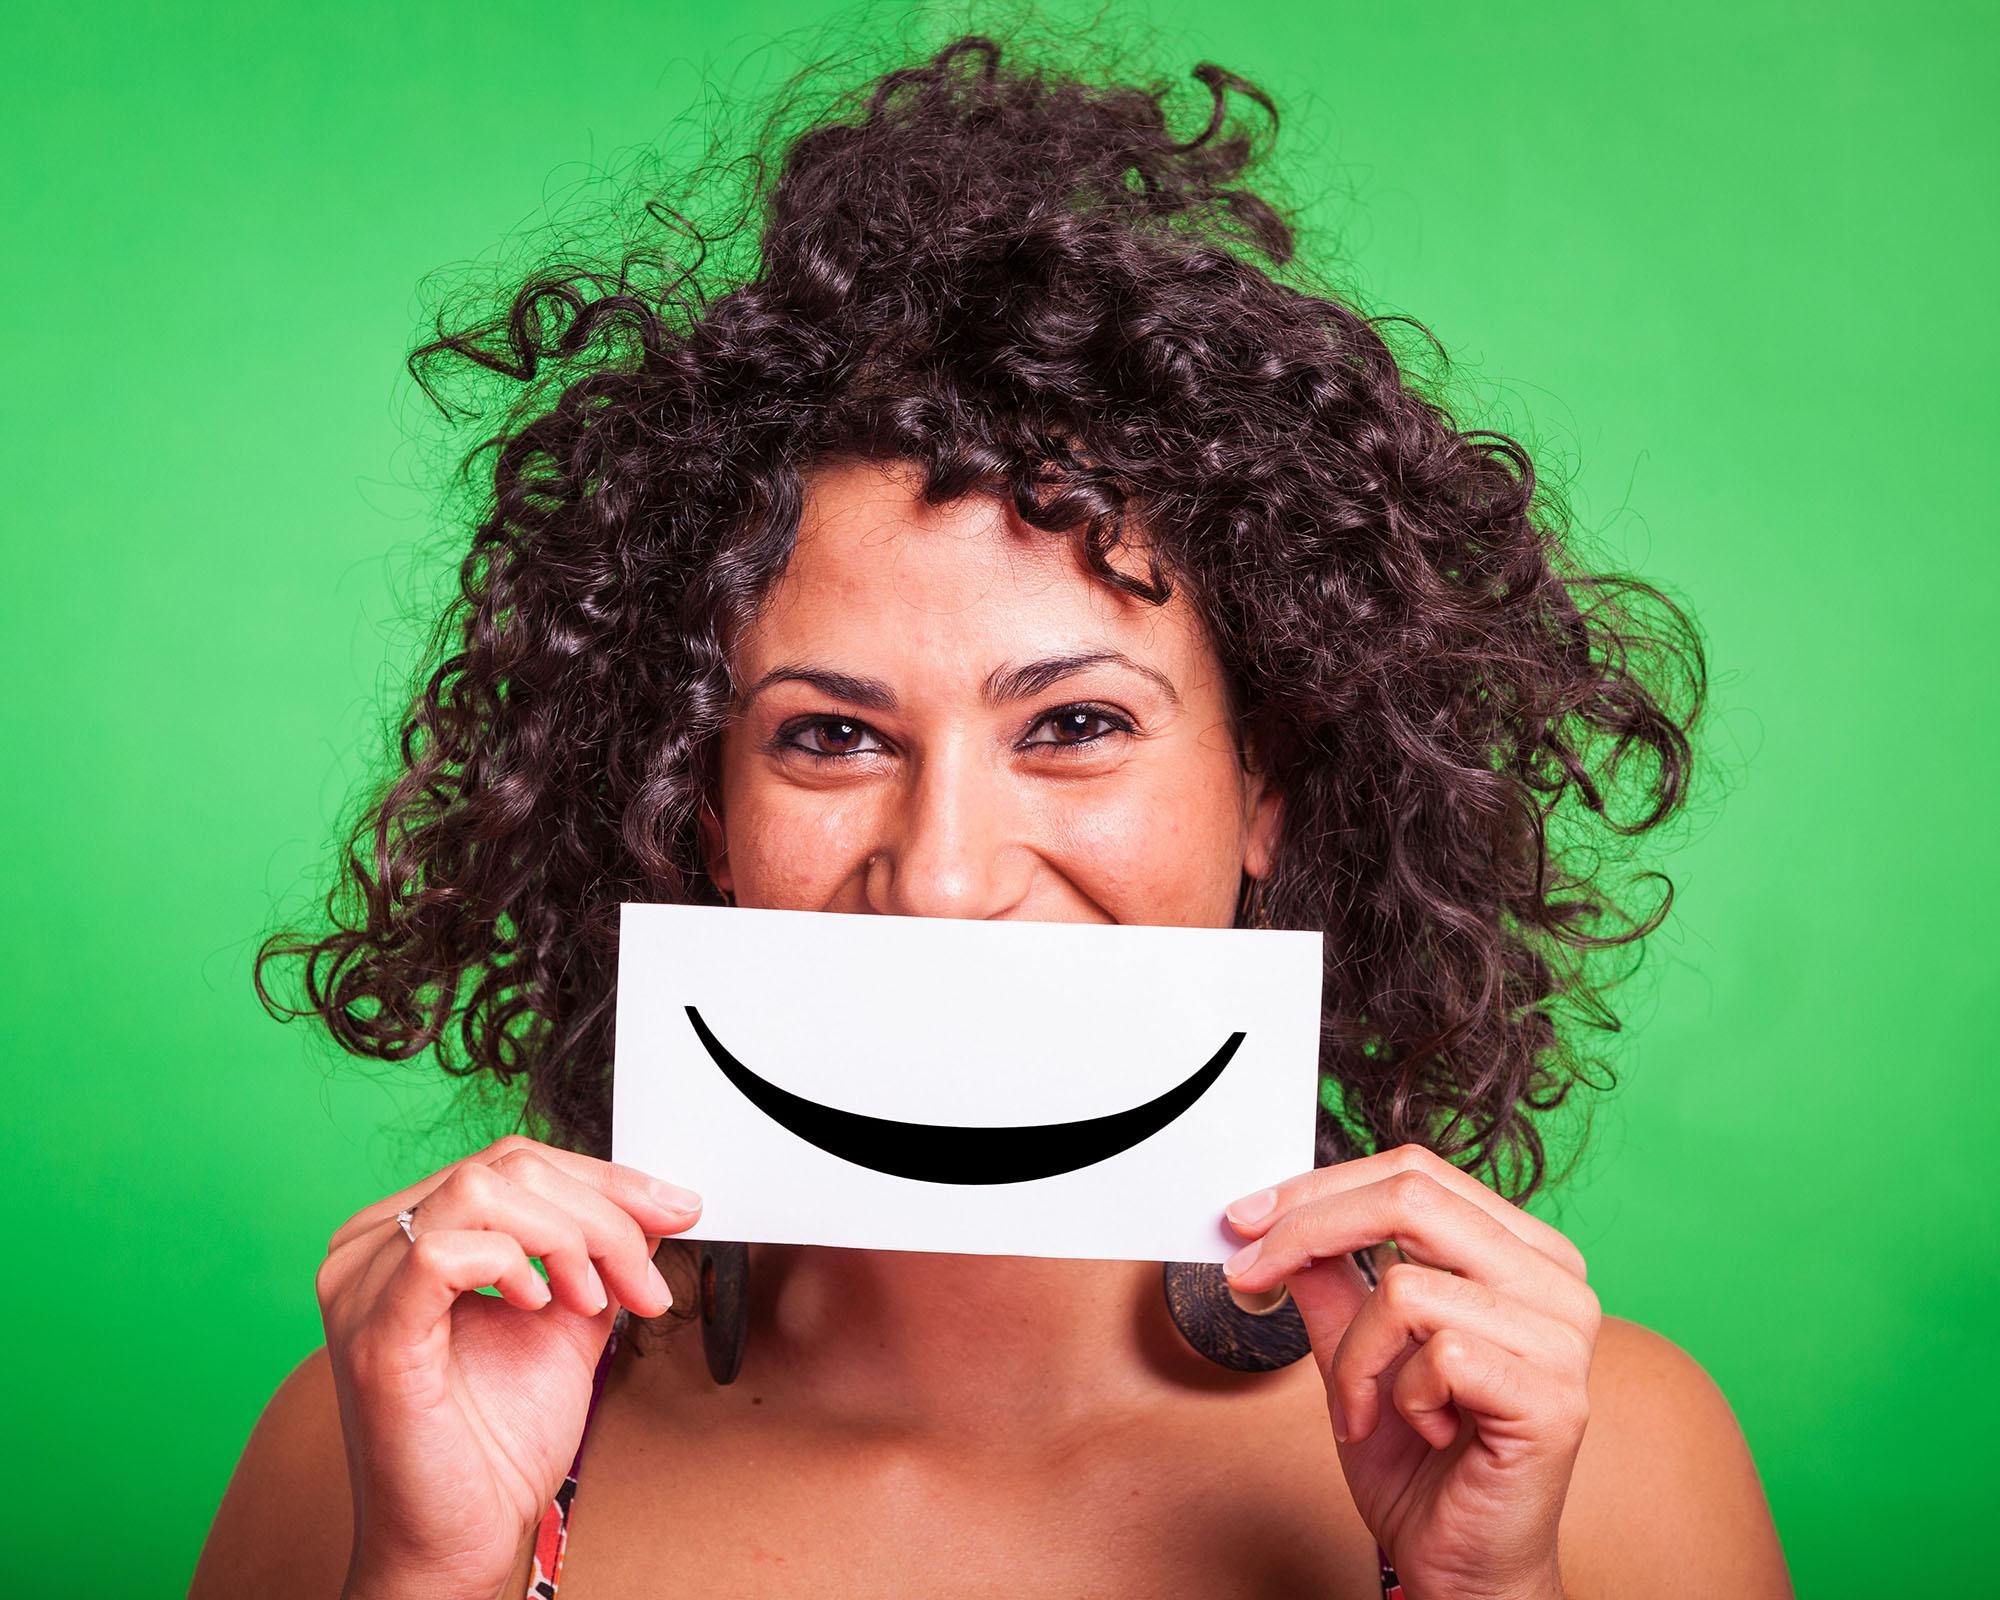 Melhores Palestras Motivacionais 5 Característica Necessárias